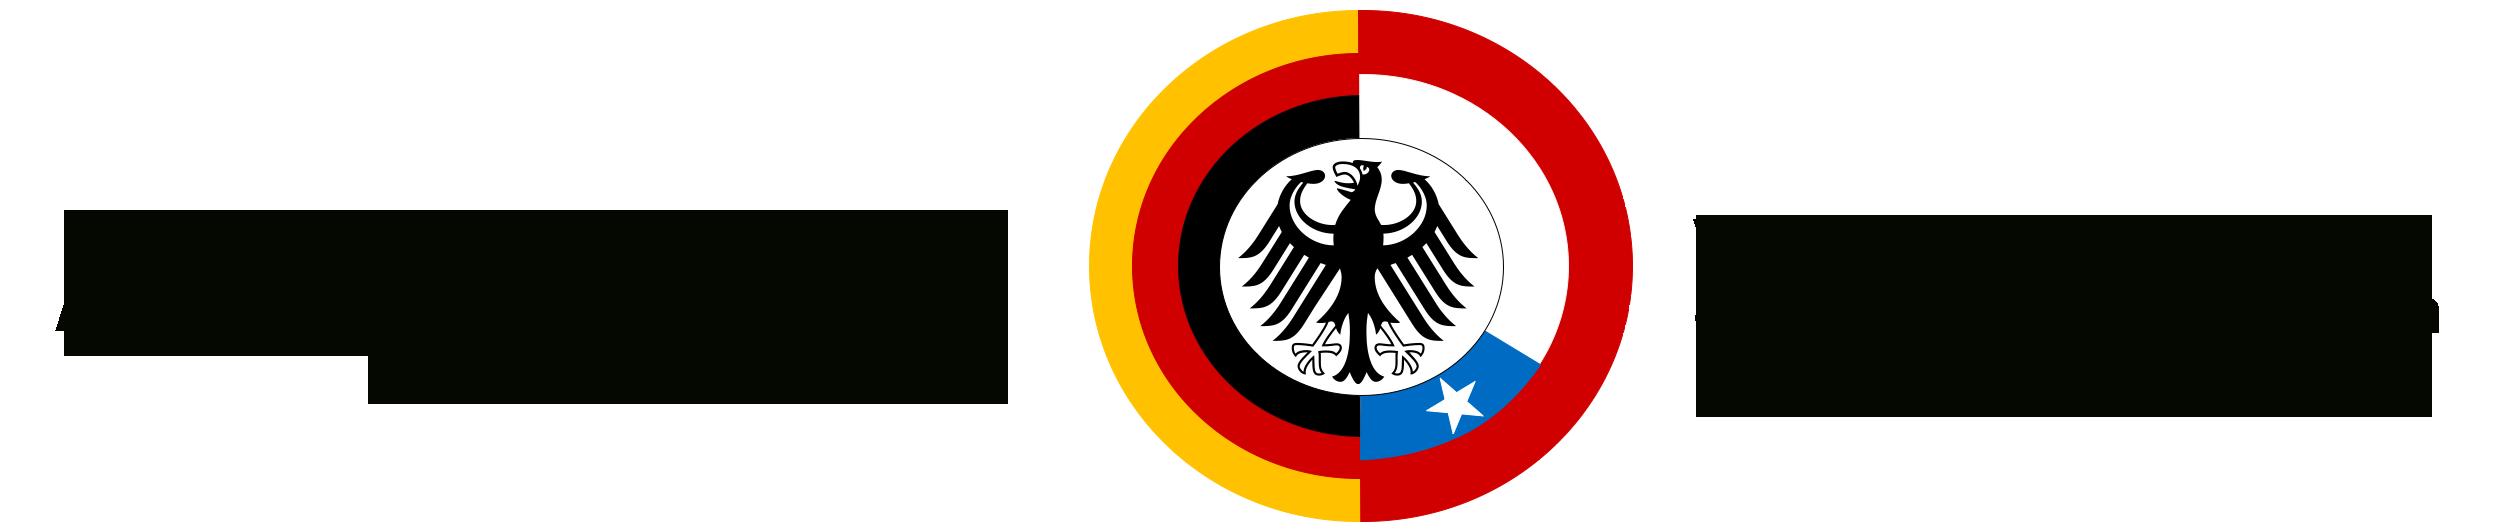 logo diseño copia